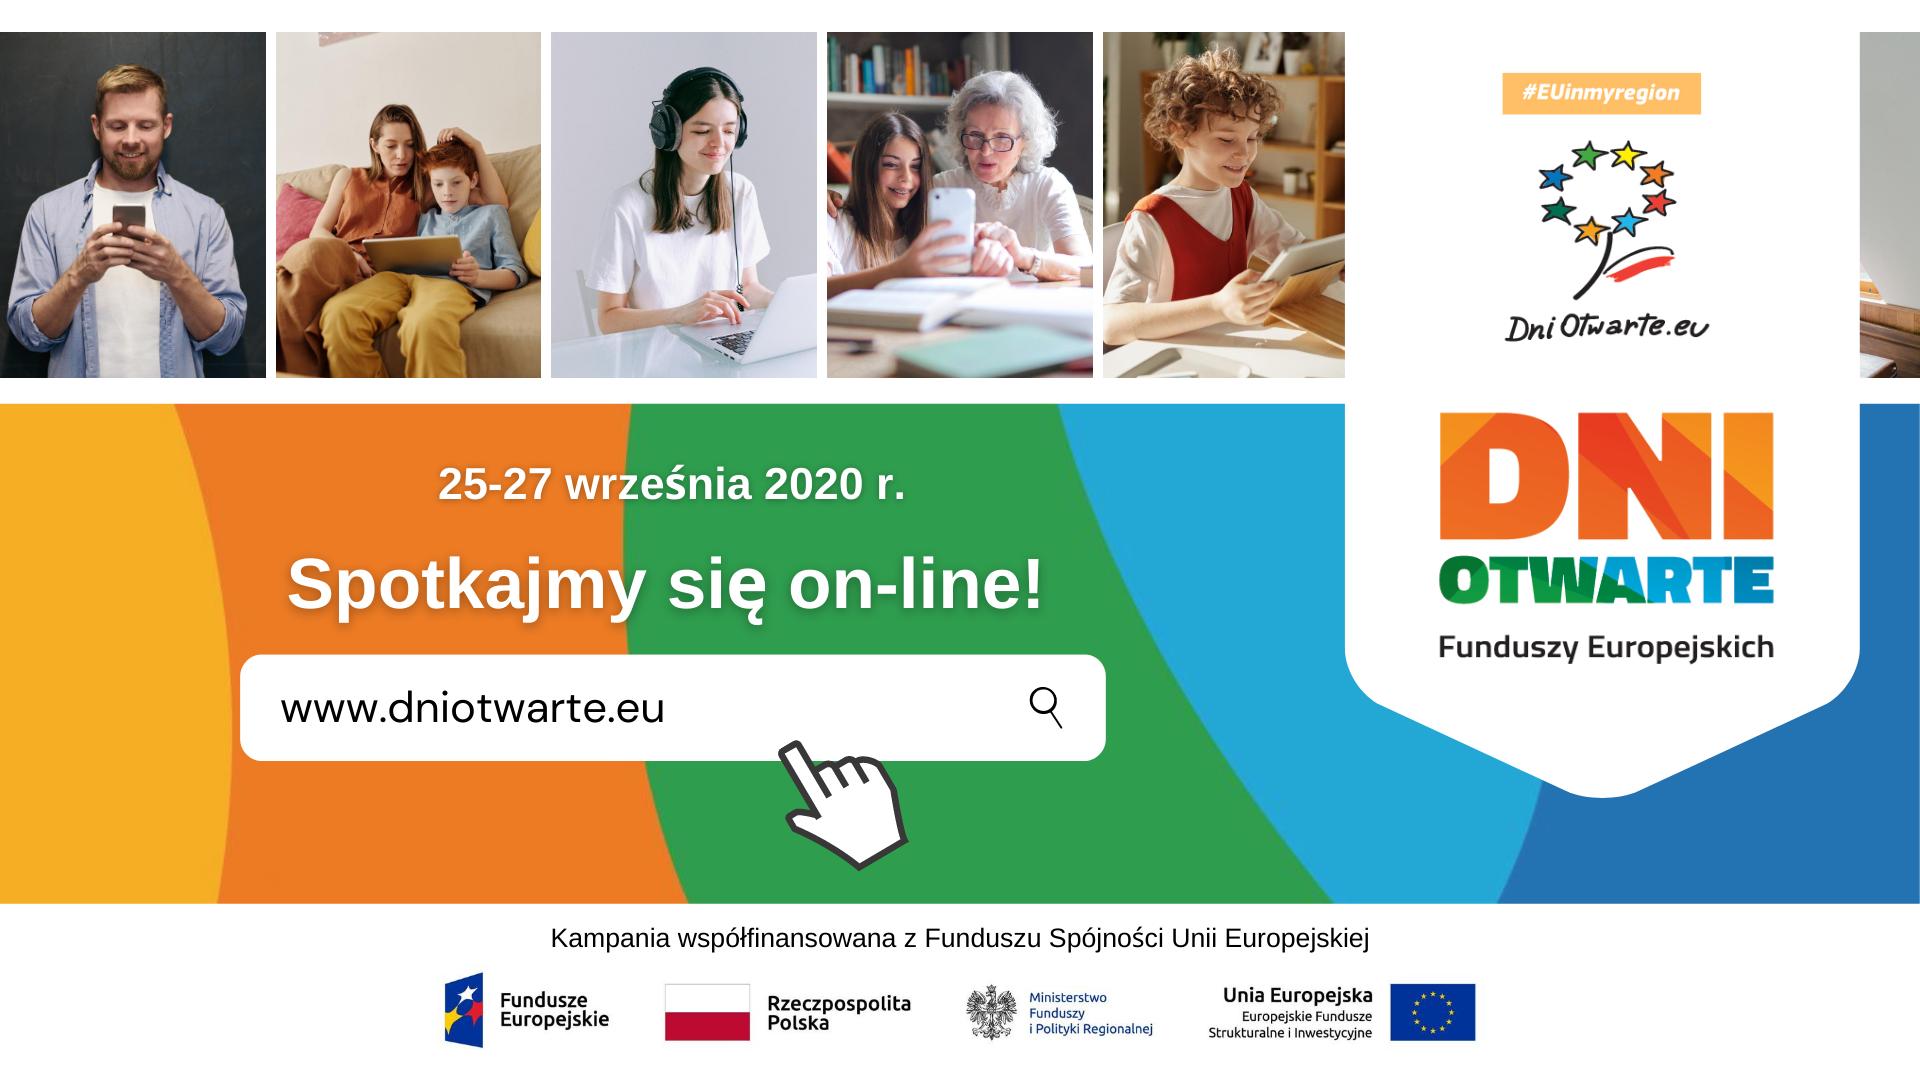 baner reklamujacy Dni Otwarte Funduszy Europejskich z podaną stroną do logowania. Na górze 5 zdjęć osób.